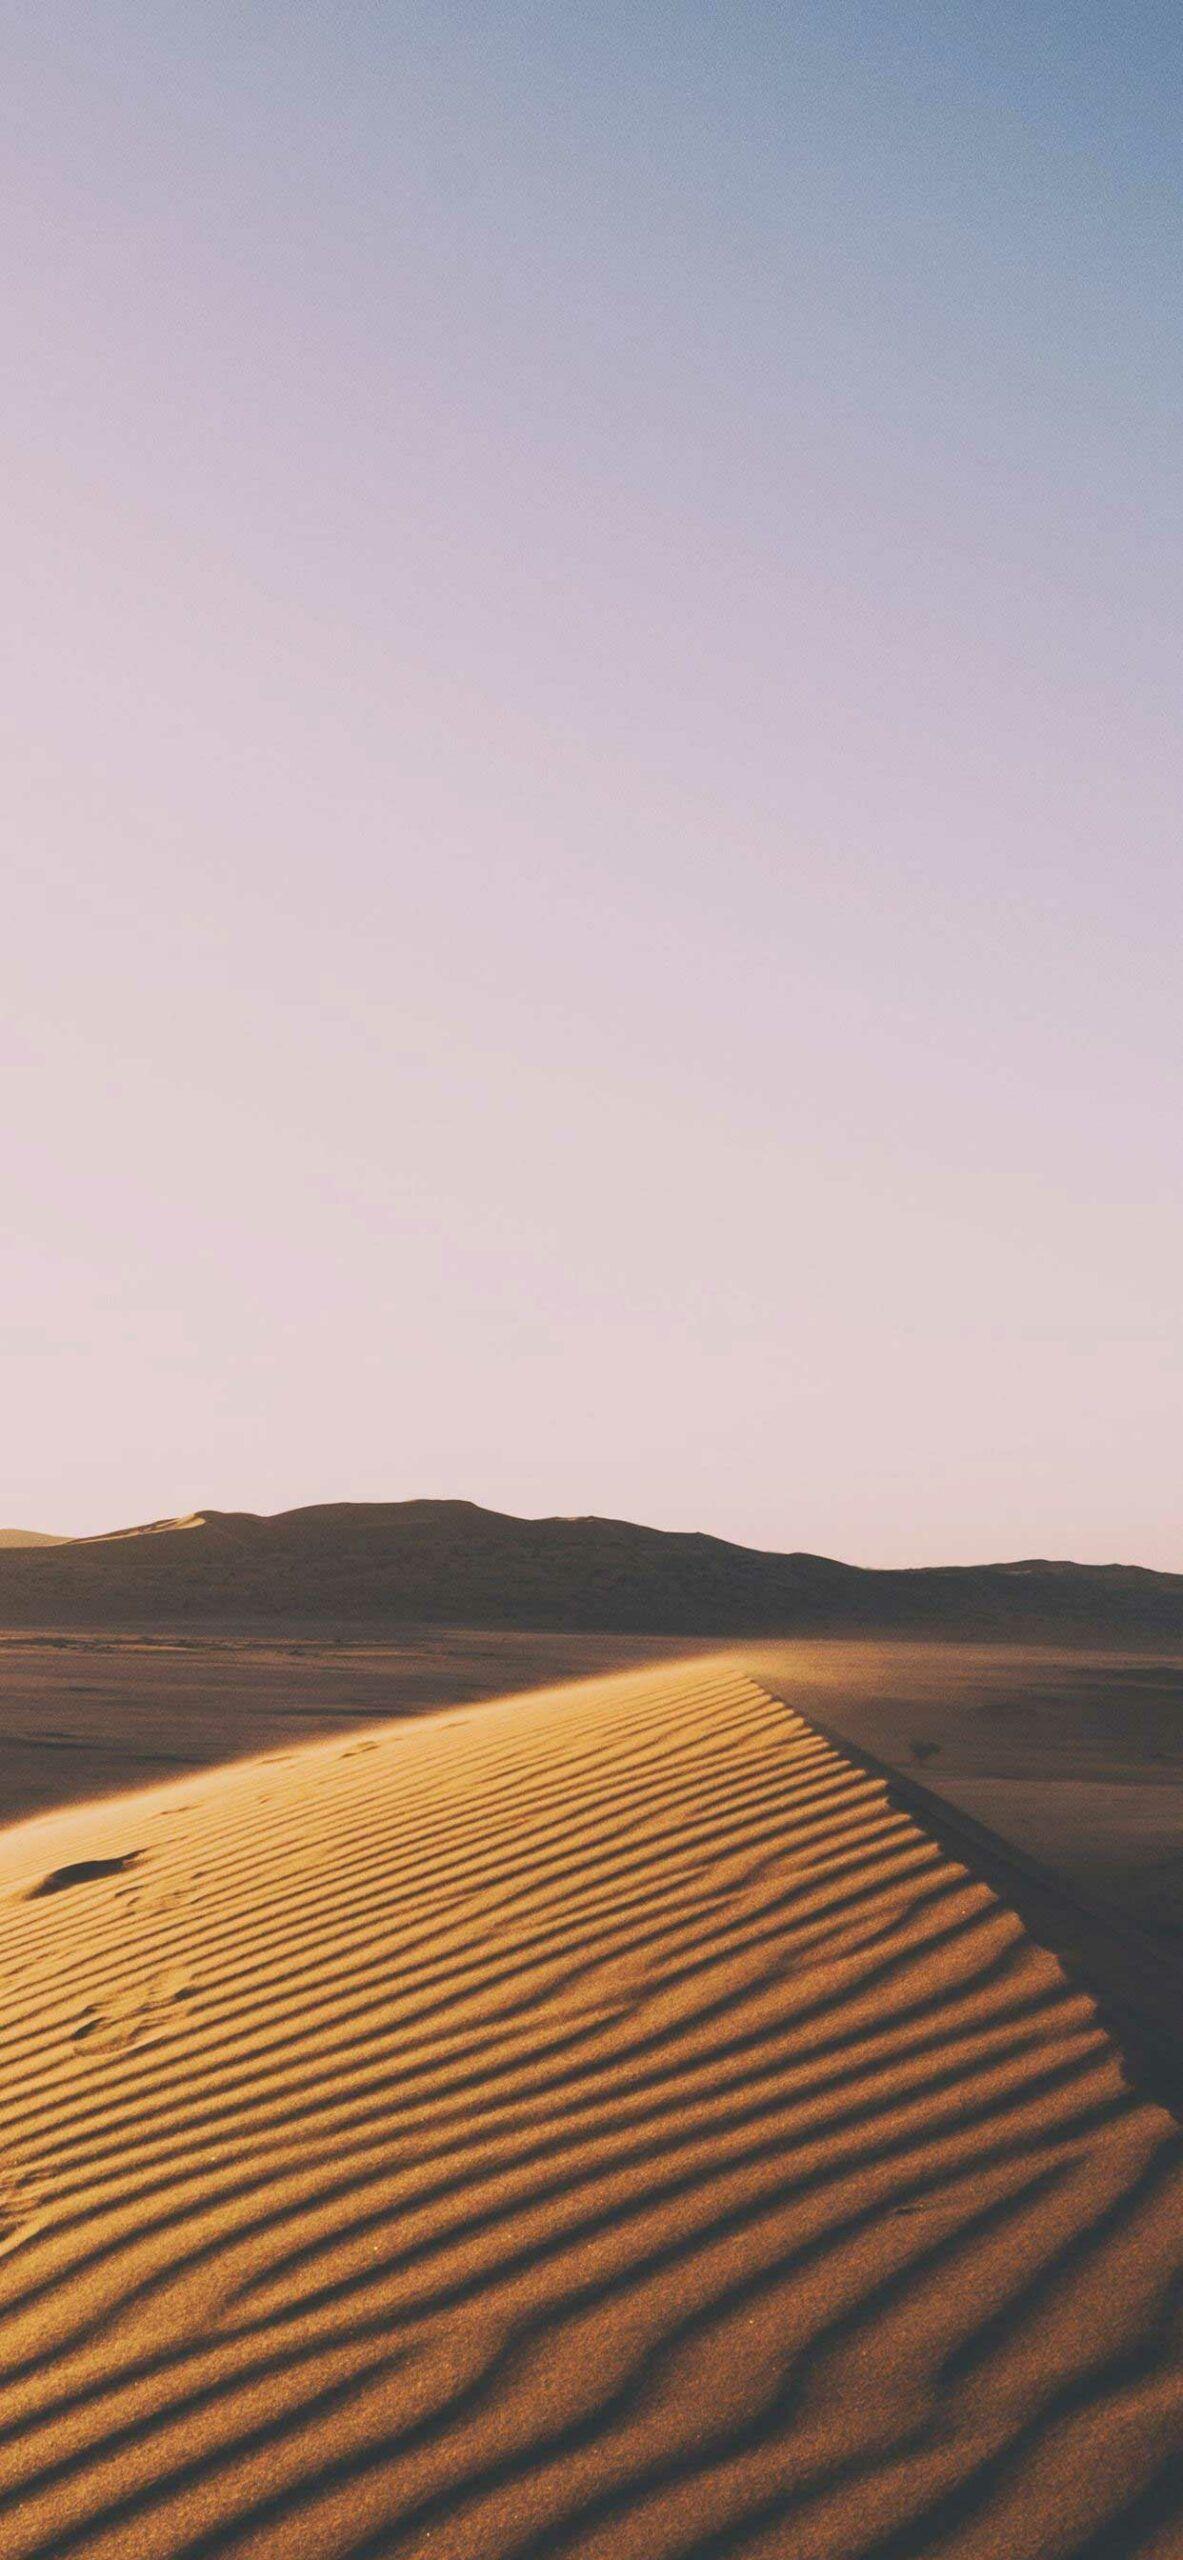 Nature Landscape Dune Desert Sand Sky Sun In 2020 Landscape Desert Sand Nature